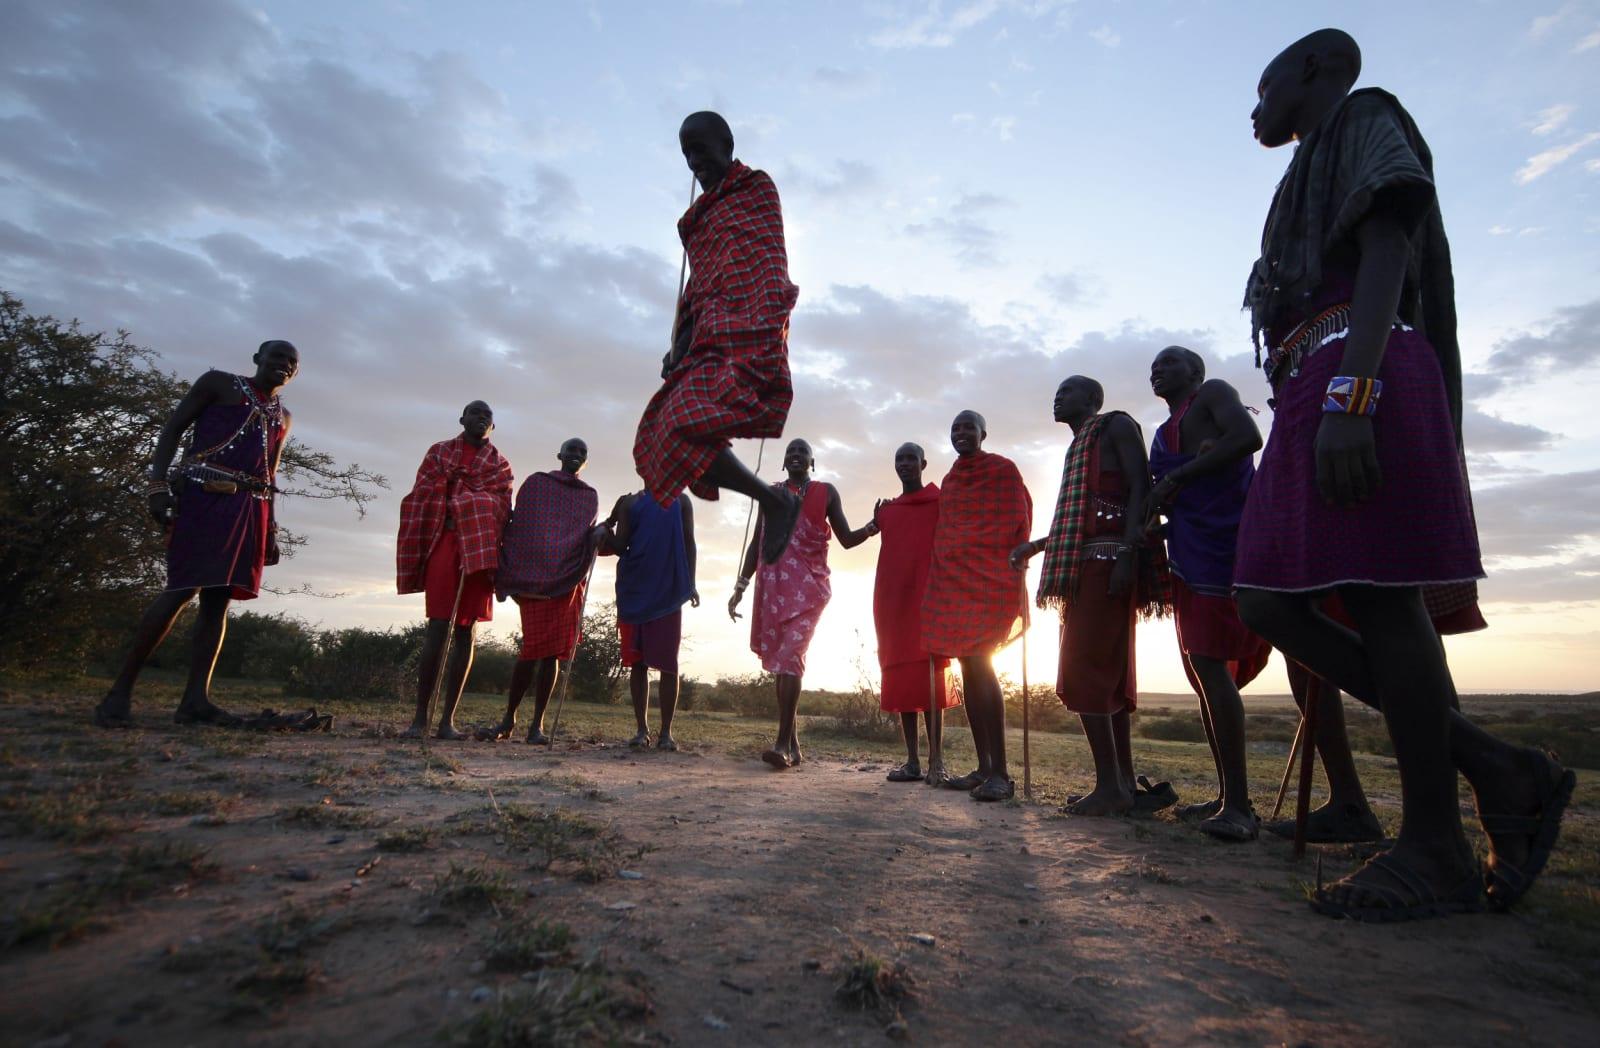 SKAL VI DANSE?: Masaiene bruker mye sang og dans, og har en enorm spenst. I den spesielle dansen er det om å gjøre å hoppe høyest med helt strake bein. Foto: Matti Bernitz